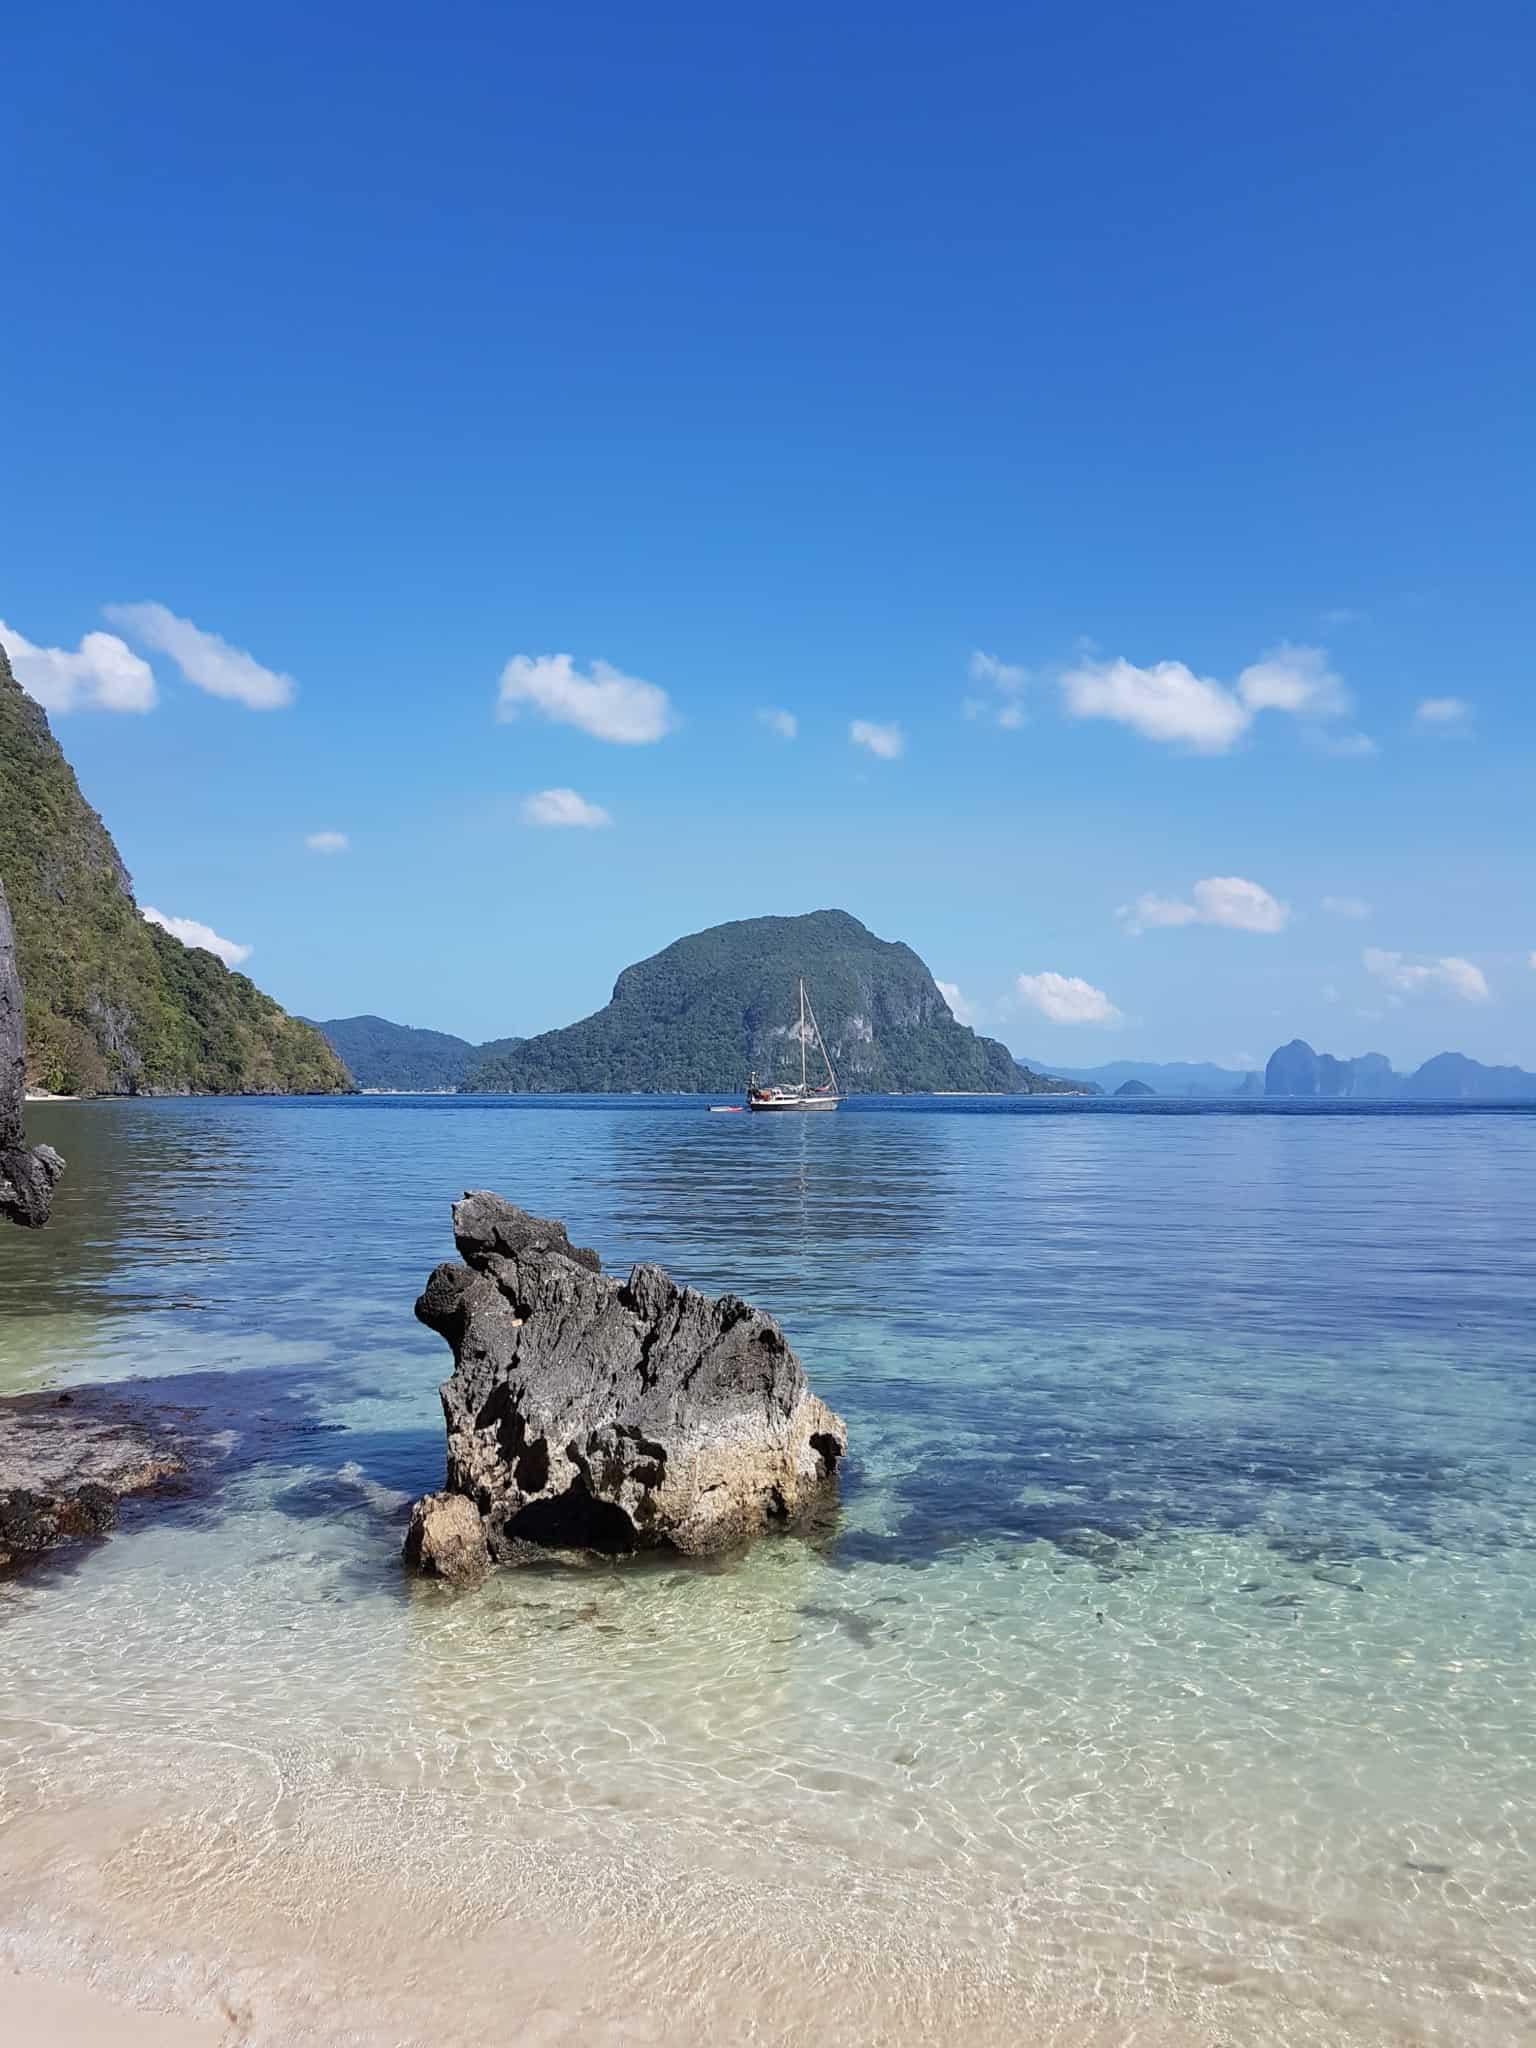 Philippines, El Nido et ses tours en bateau qui t'en mettent plein les yeux ⛵ 26